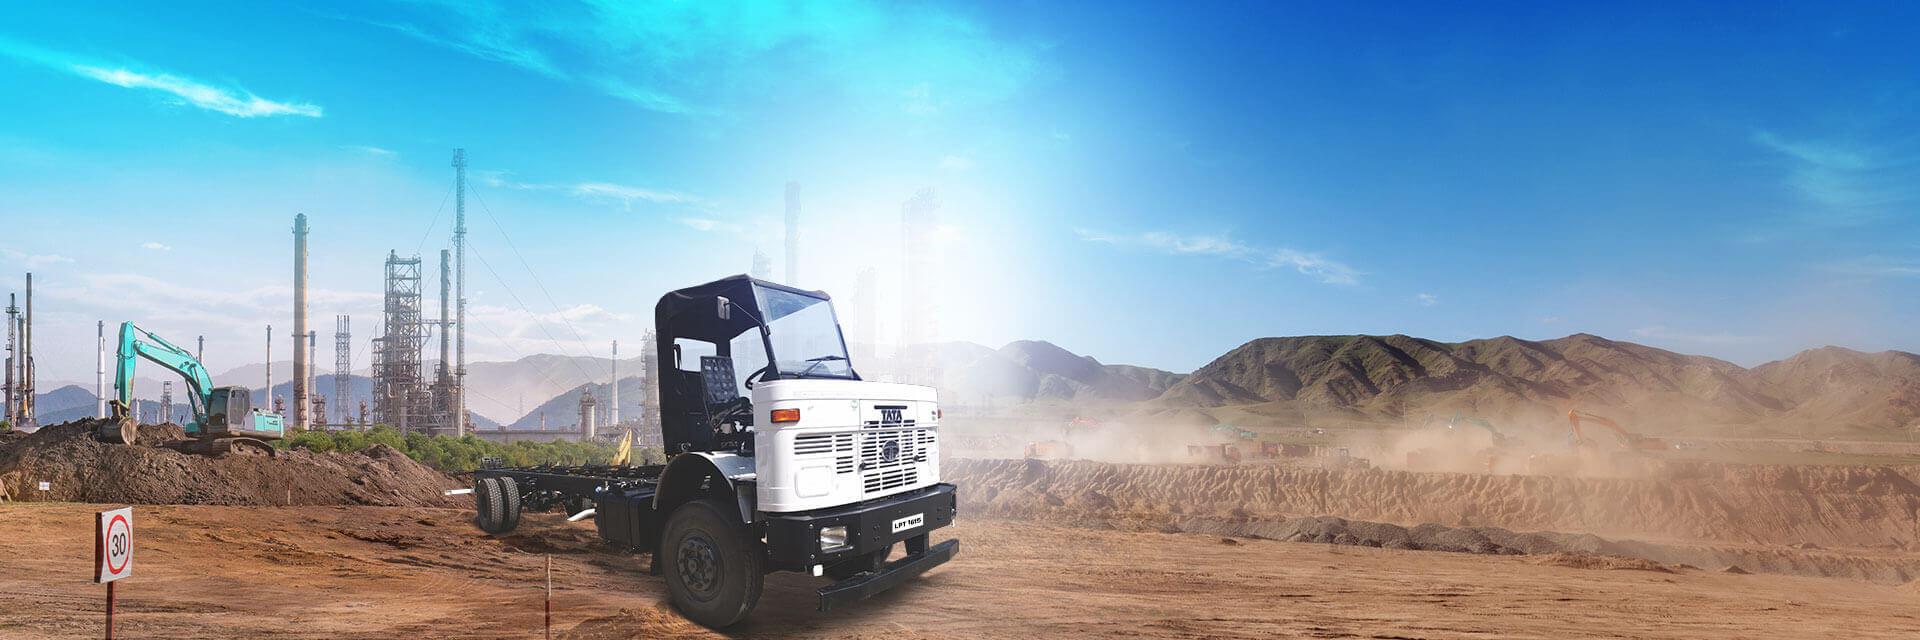 banner trucks lpt 1615